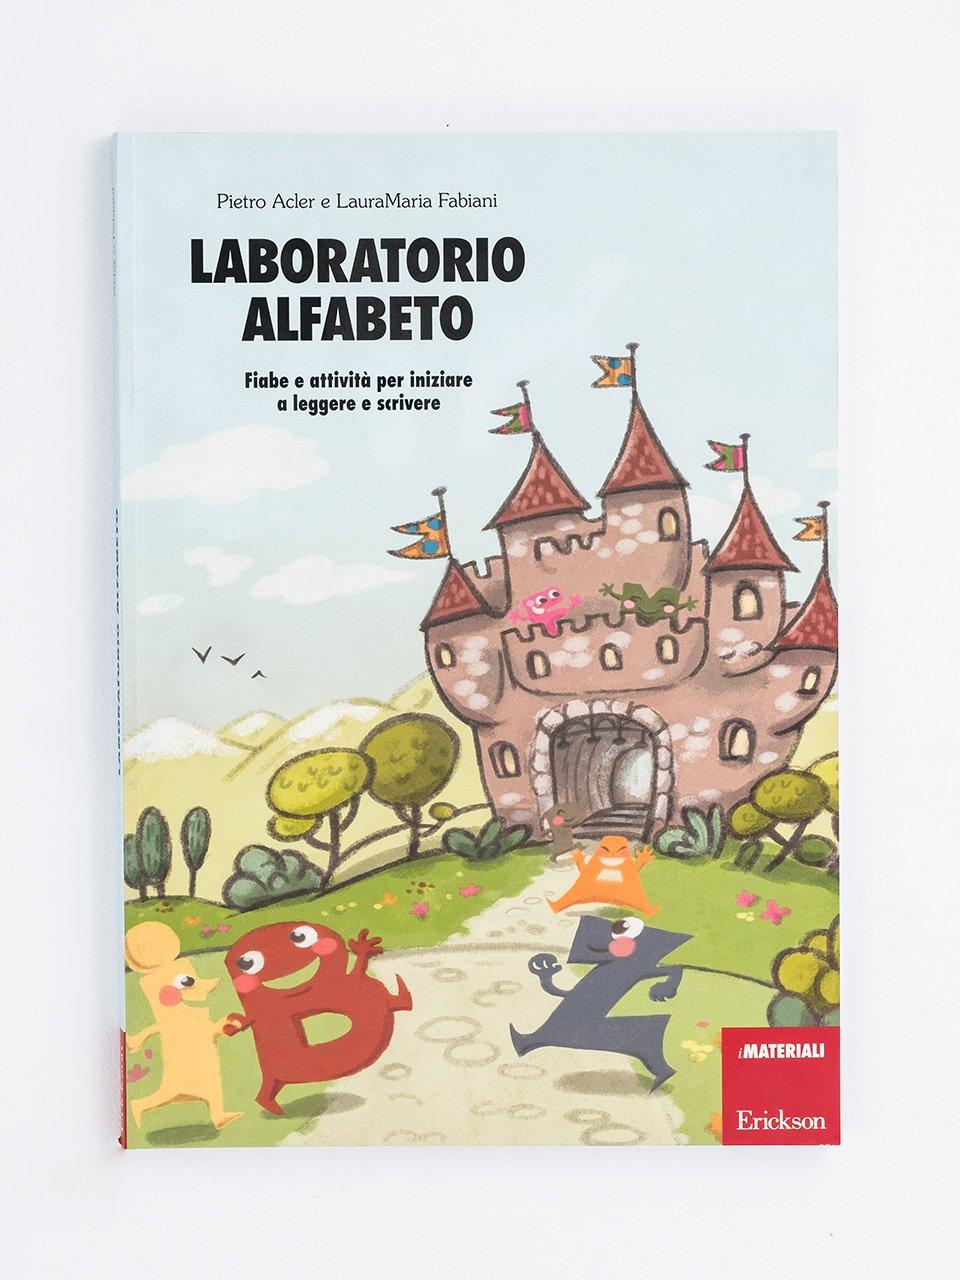 Laboratorio alfabeto - Le difficoltà ortografiche - Volume 1 - Libri - App e software - Erickson